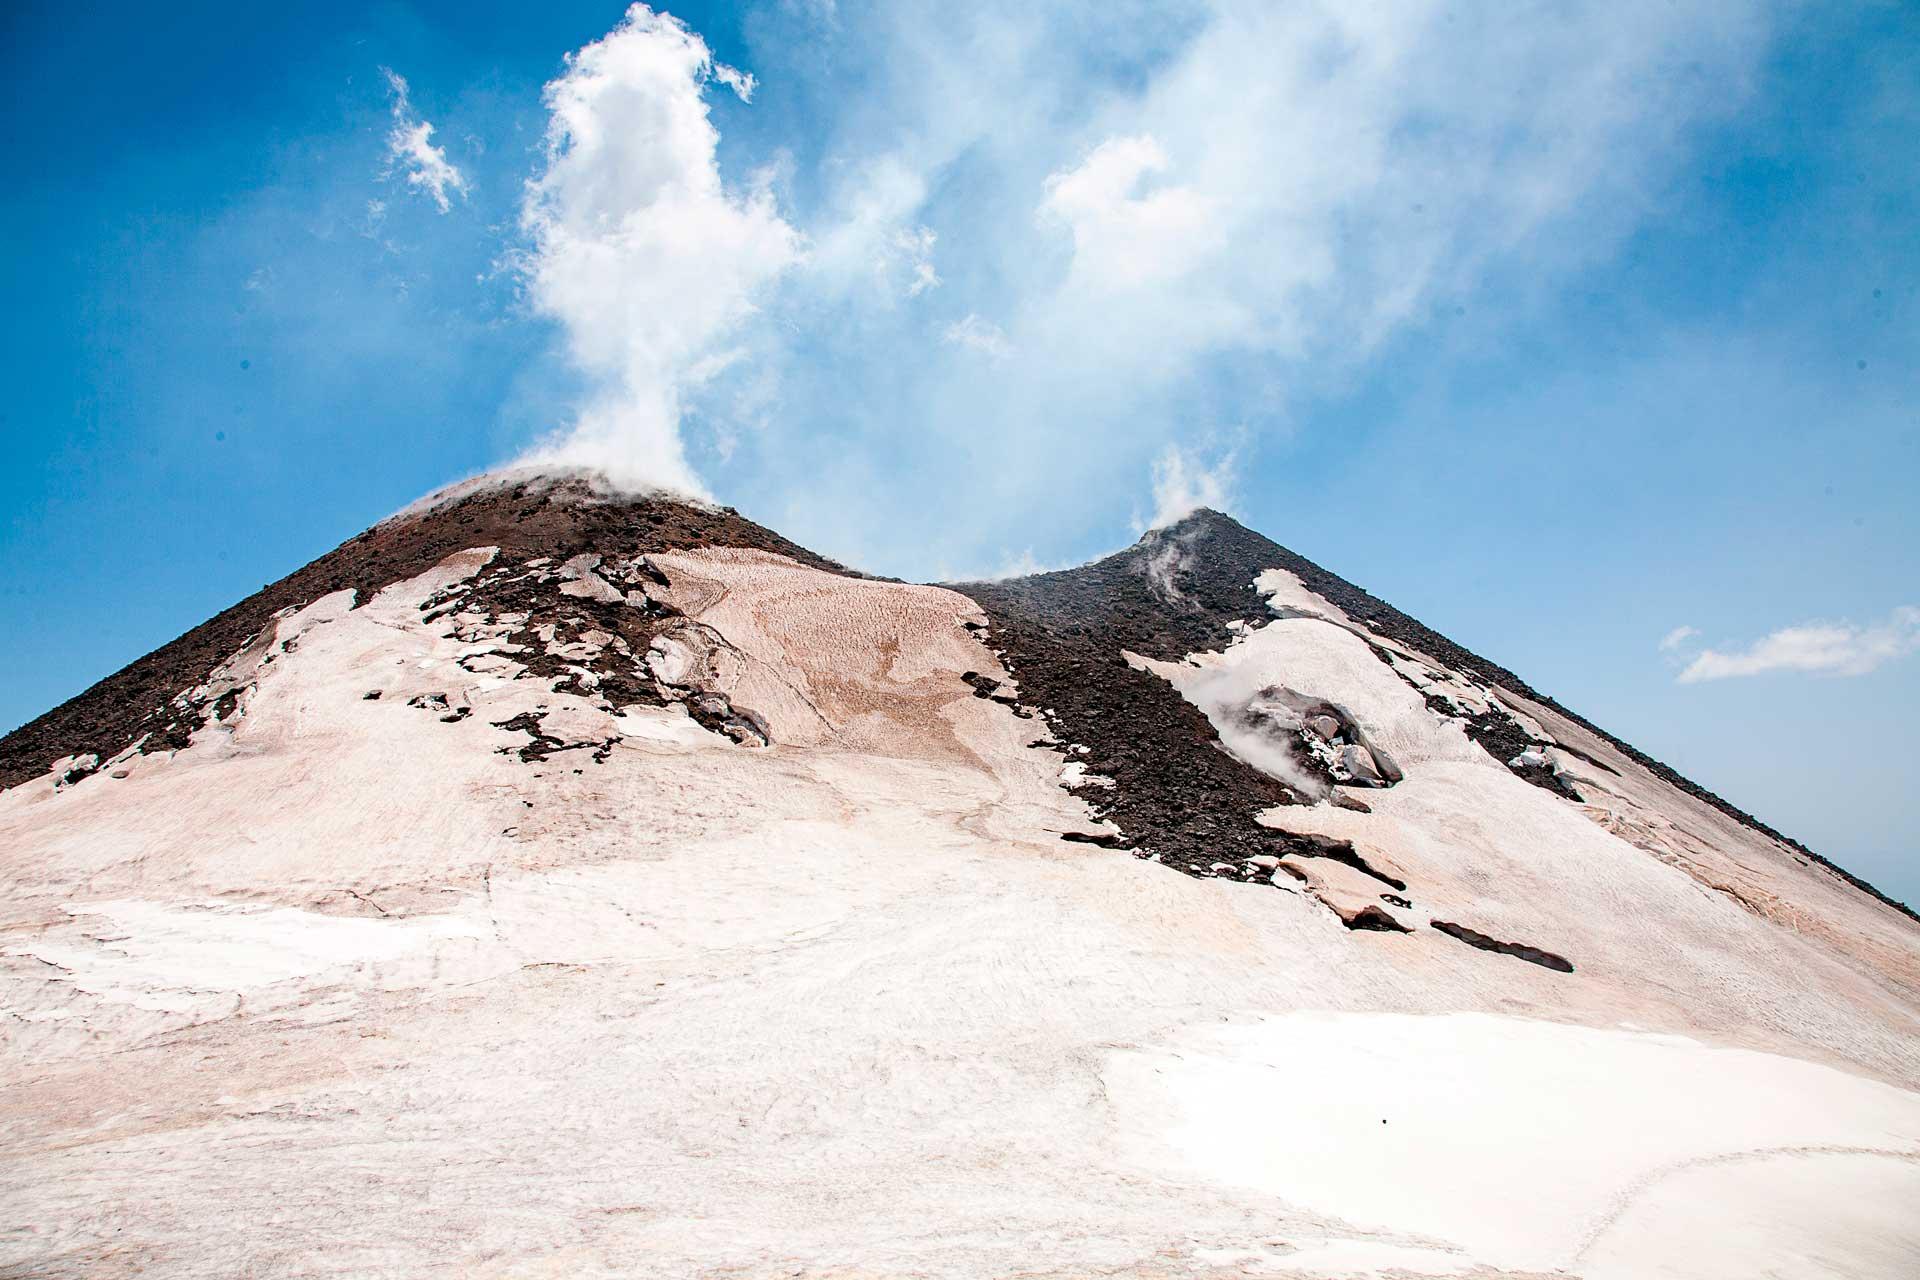 Oggi, il Cratere di Nord-Est continua ad essere, seppur di poco, il punto più alto dell'Etna - 3324 m sul livello del mare.